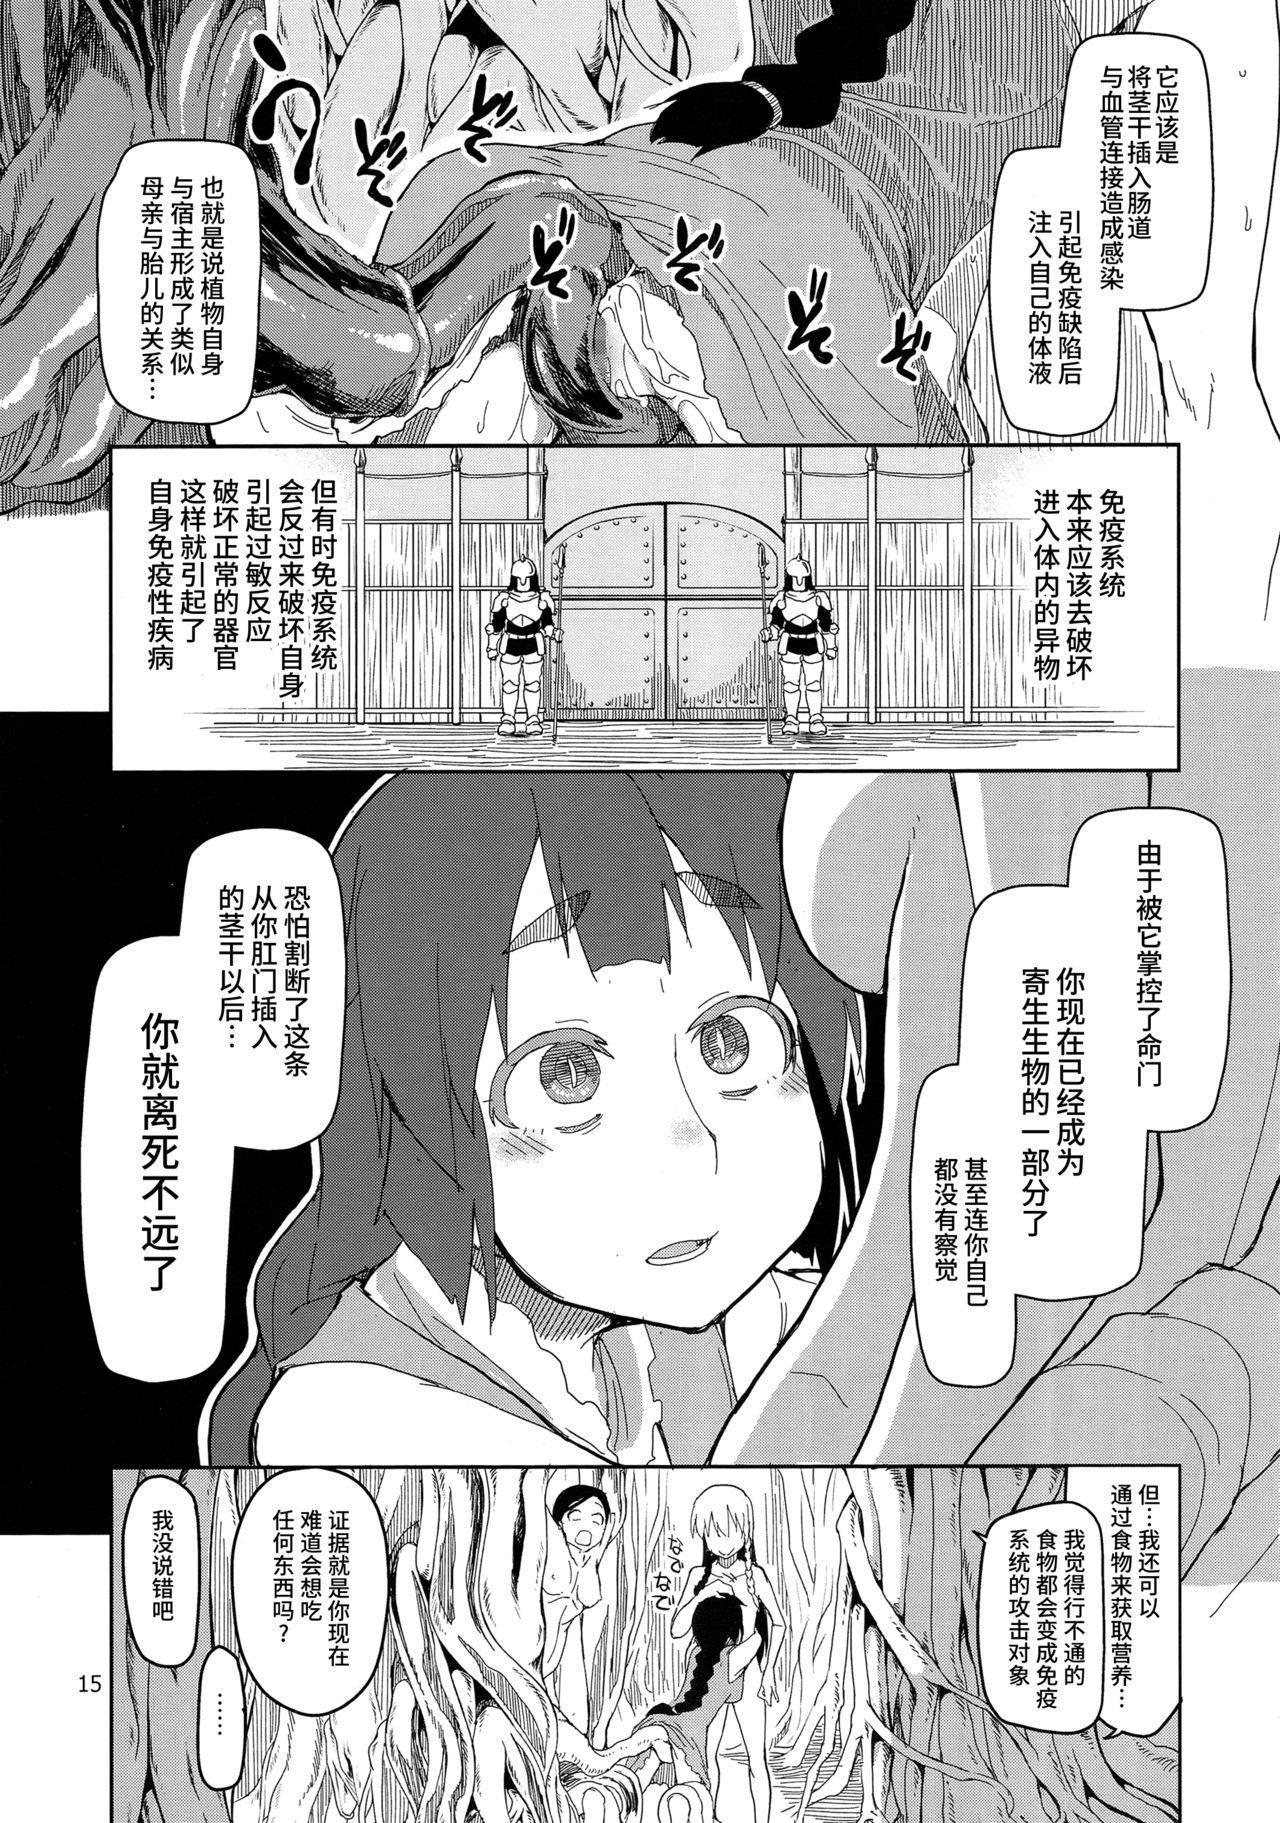 Dosukebe Elf no Ishukan Nikki 2 15